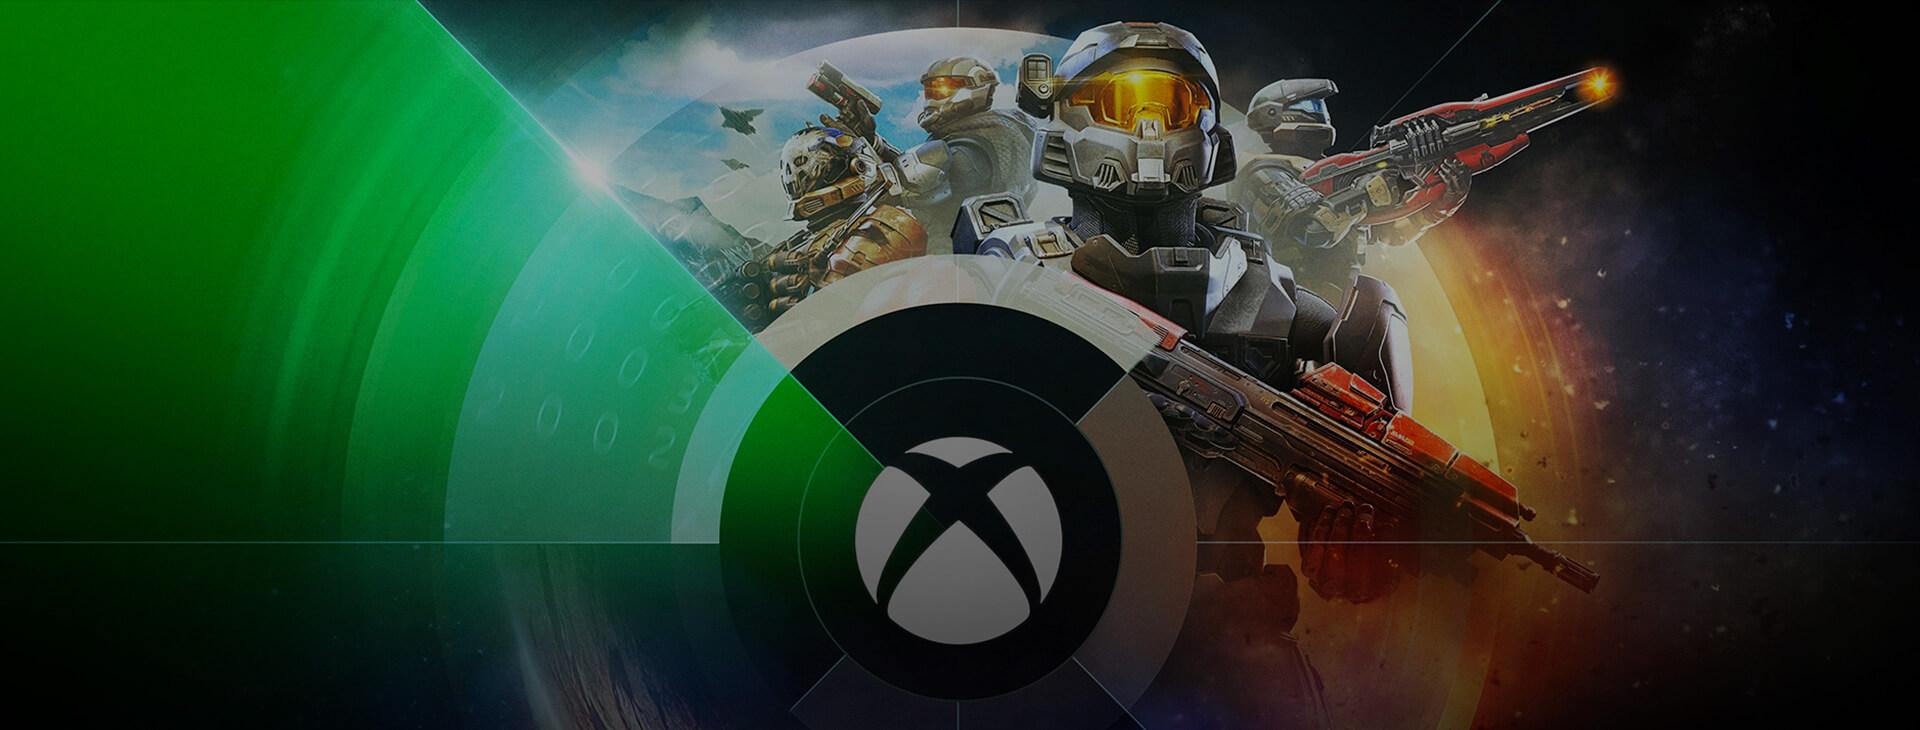 Xbox All Access - Brand content, Media